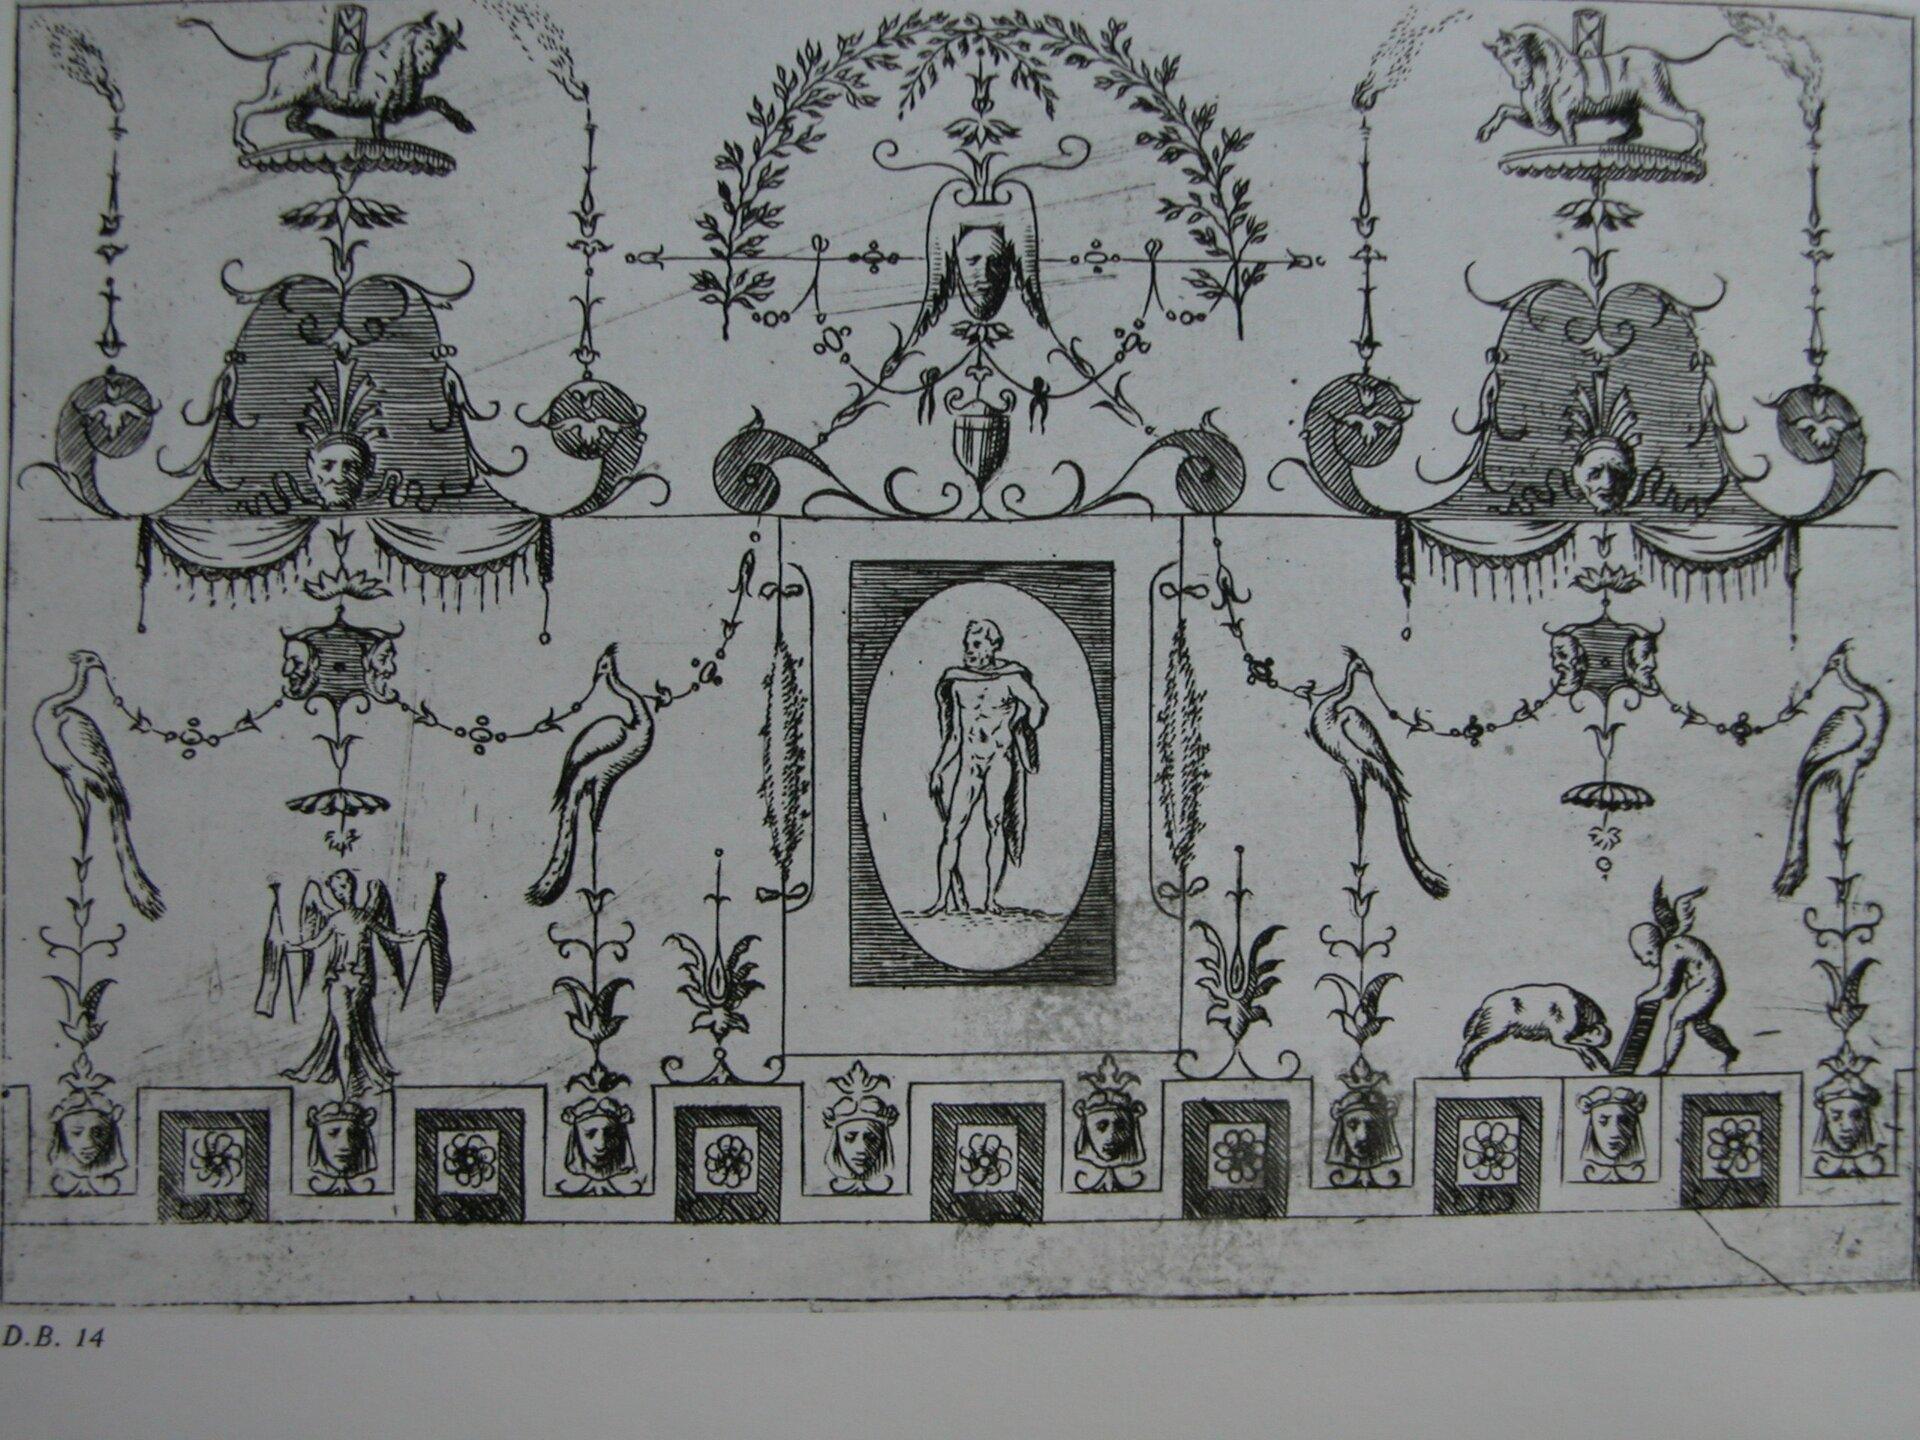 Ilustracja przedstawia groteski rzymskiego pałacu cesarza Nerona - Domus Aurea. Na fotografii widzimy narysowane różne postaci, atakże zwierzęta. Dookoła widoczna są liczne zdobienia takie jak: gałązki, zawijasy.